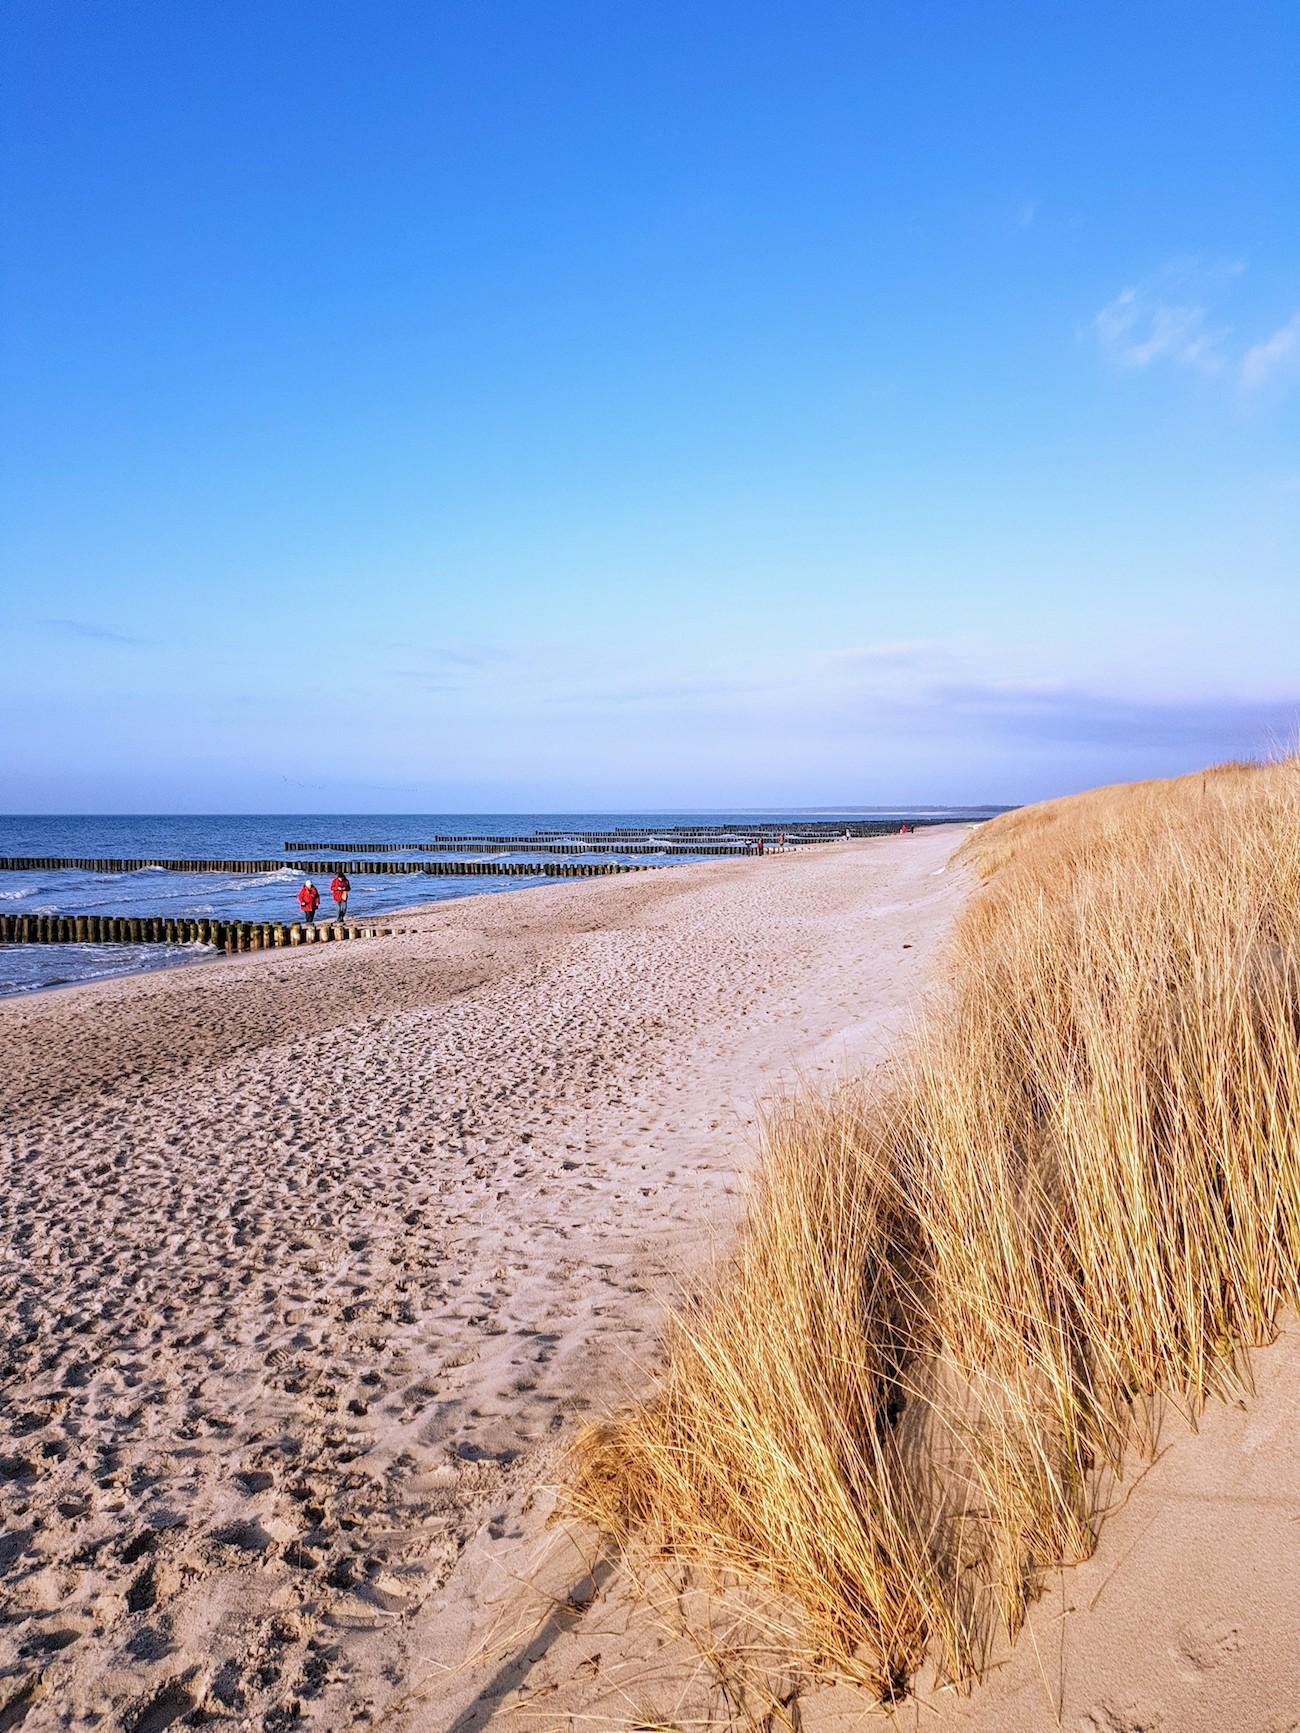 Dieser traumhafte Strand befindet sich direkt vor dem Hotel The GRAND in Ahrenshoop